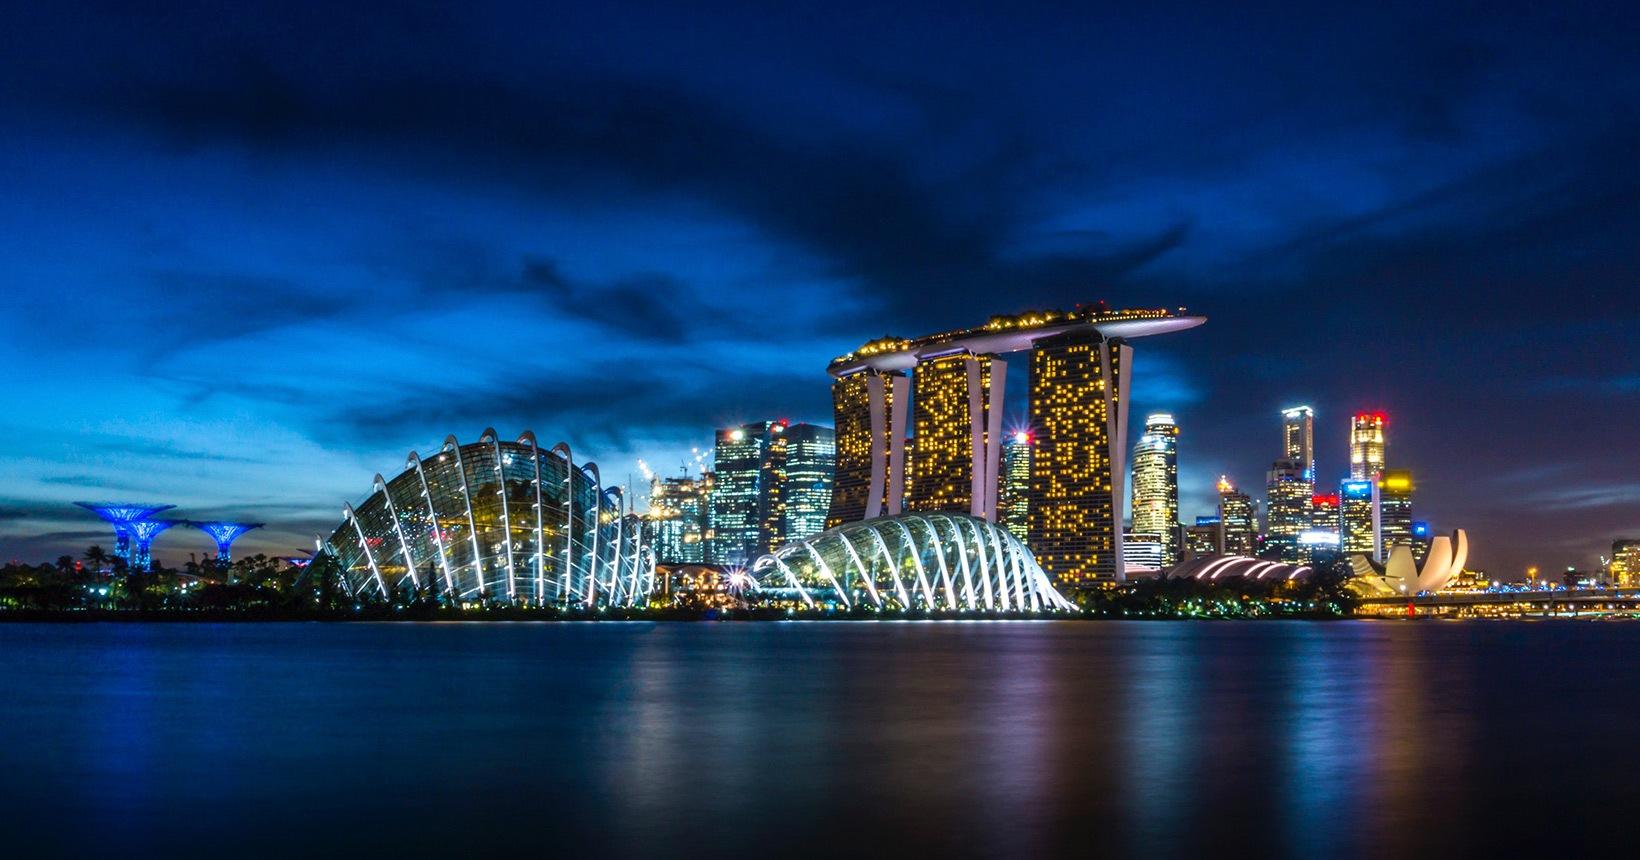 Melhores Cidades para se Visitar de 2020